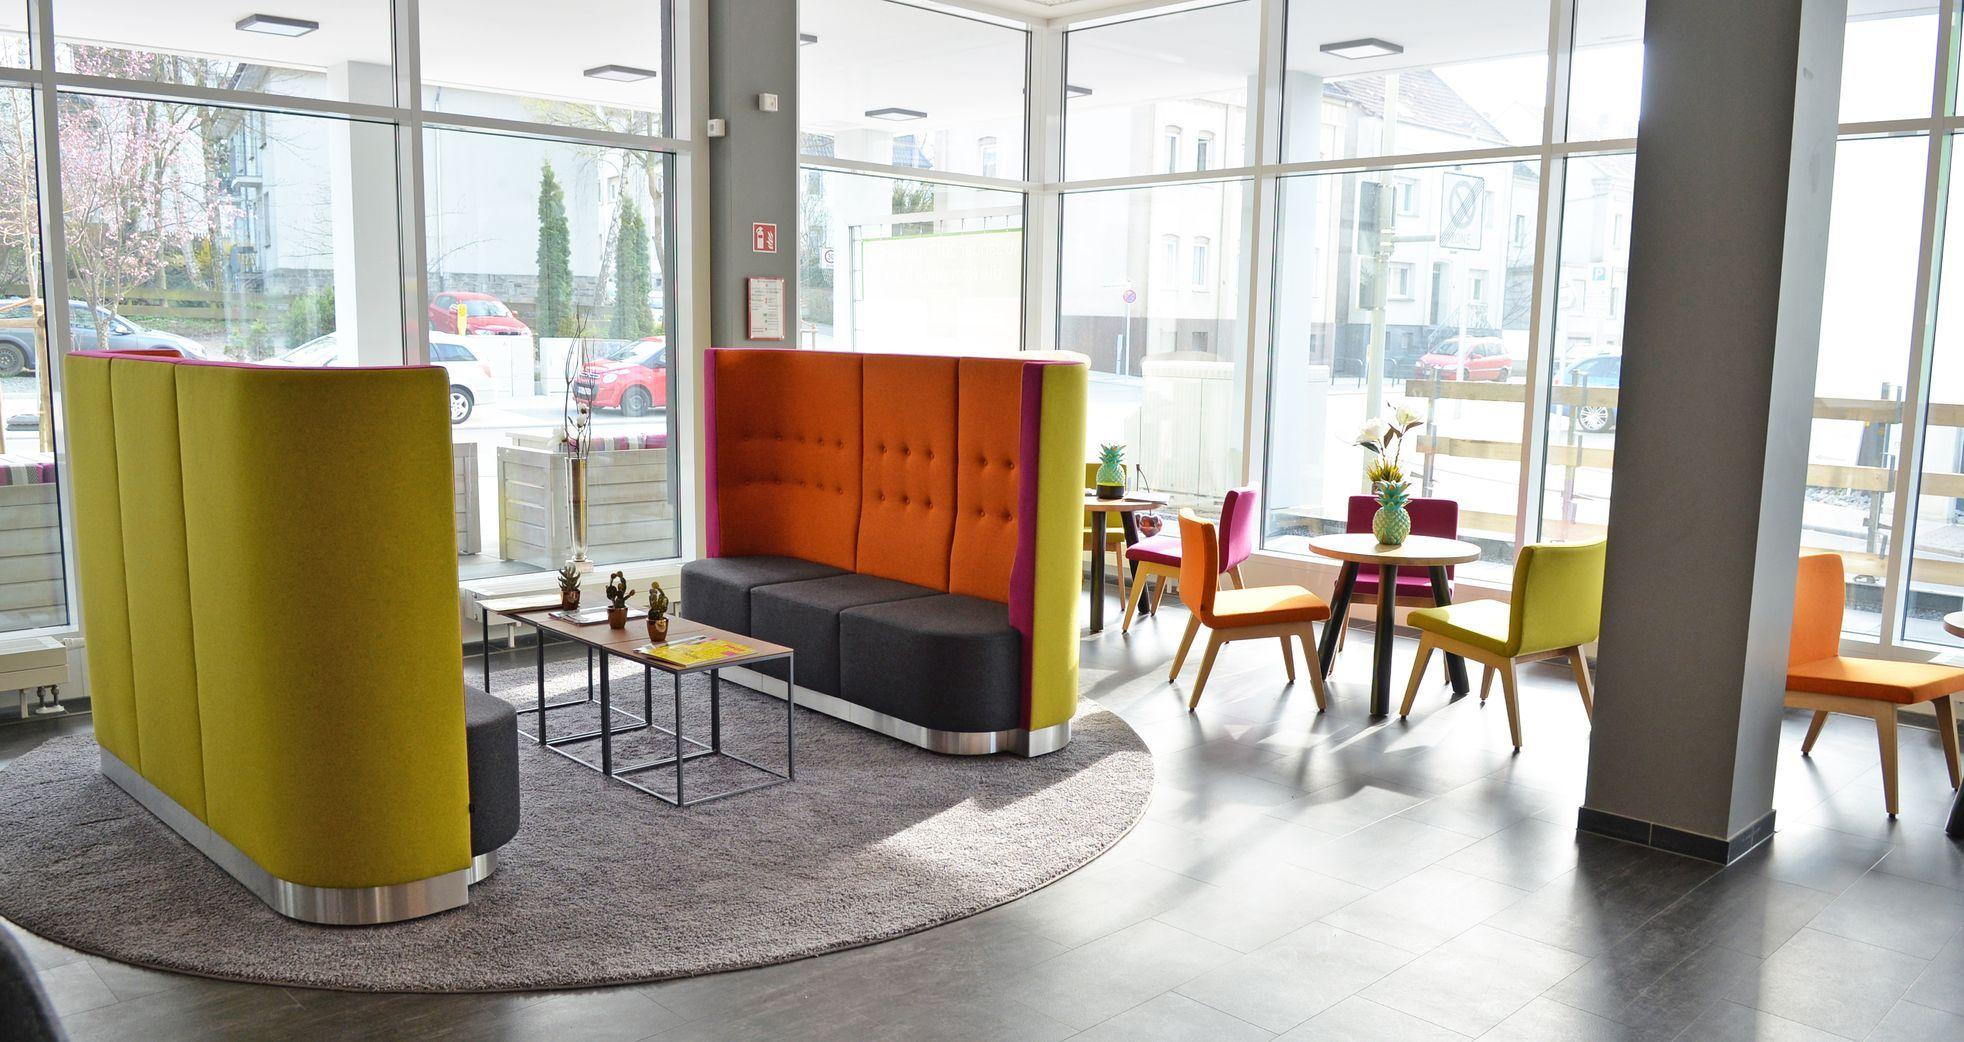 Rundsofa 40926 2 Sitzer In 2020 Gastronomie Mobel Einrichtung Und Lounge Tisch